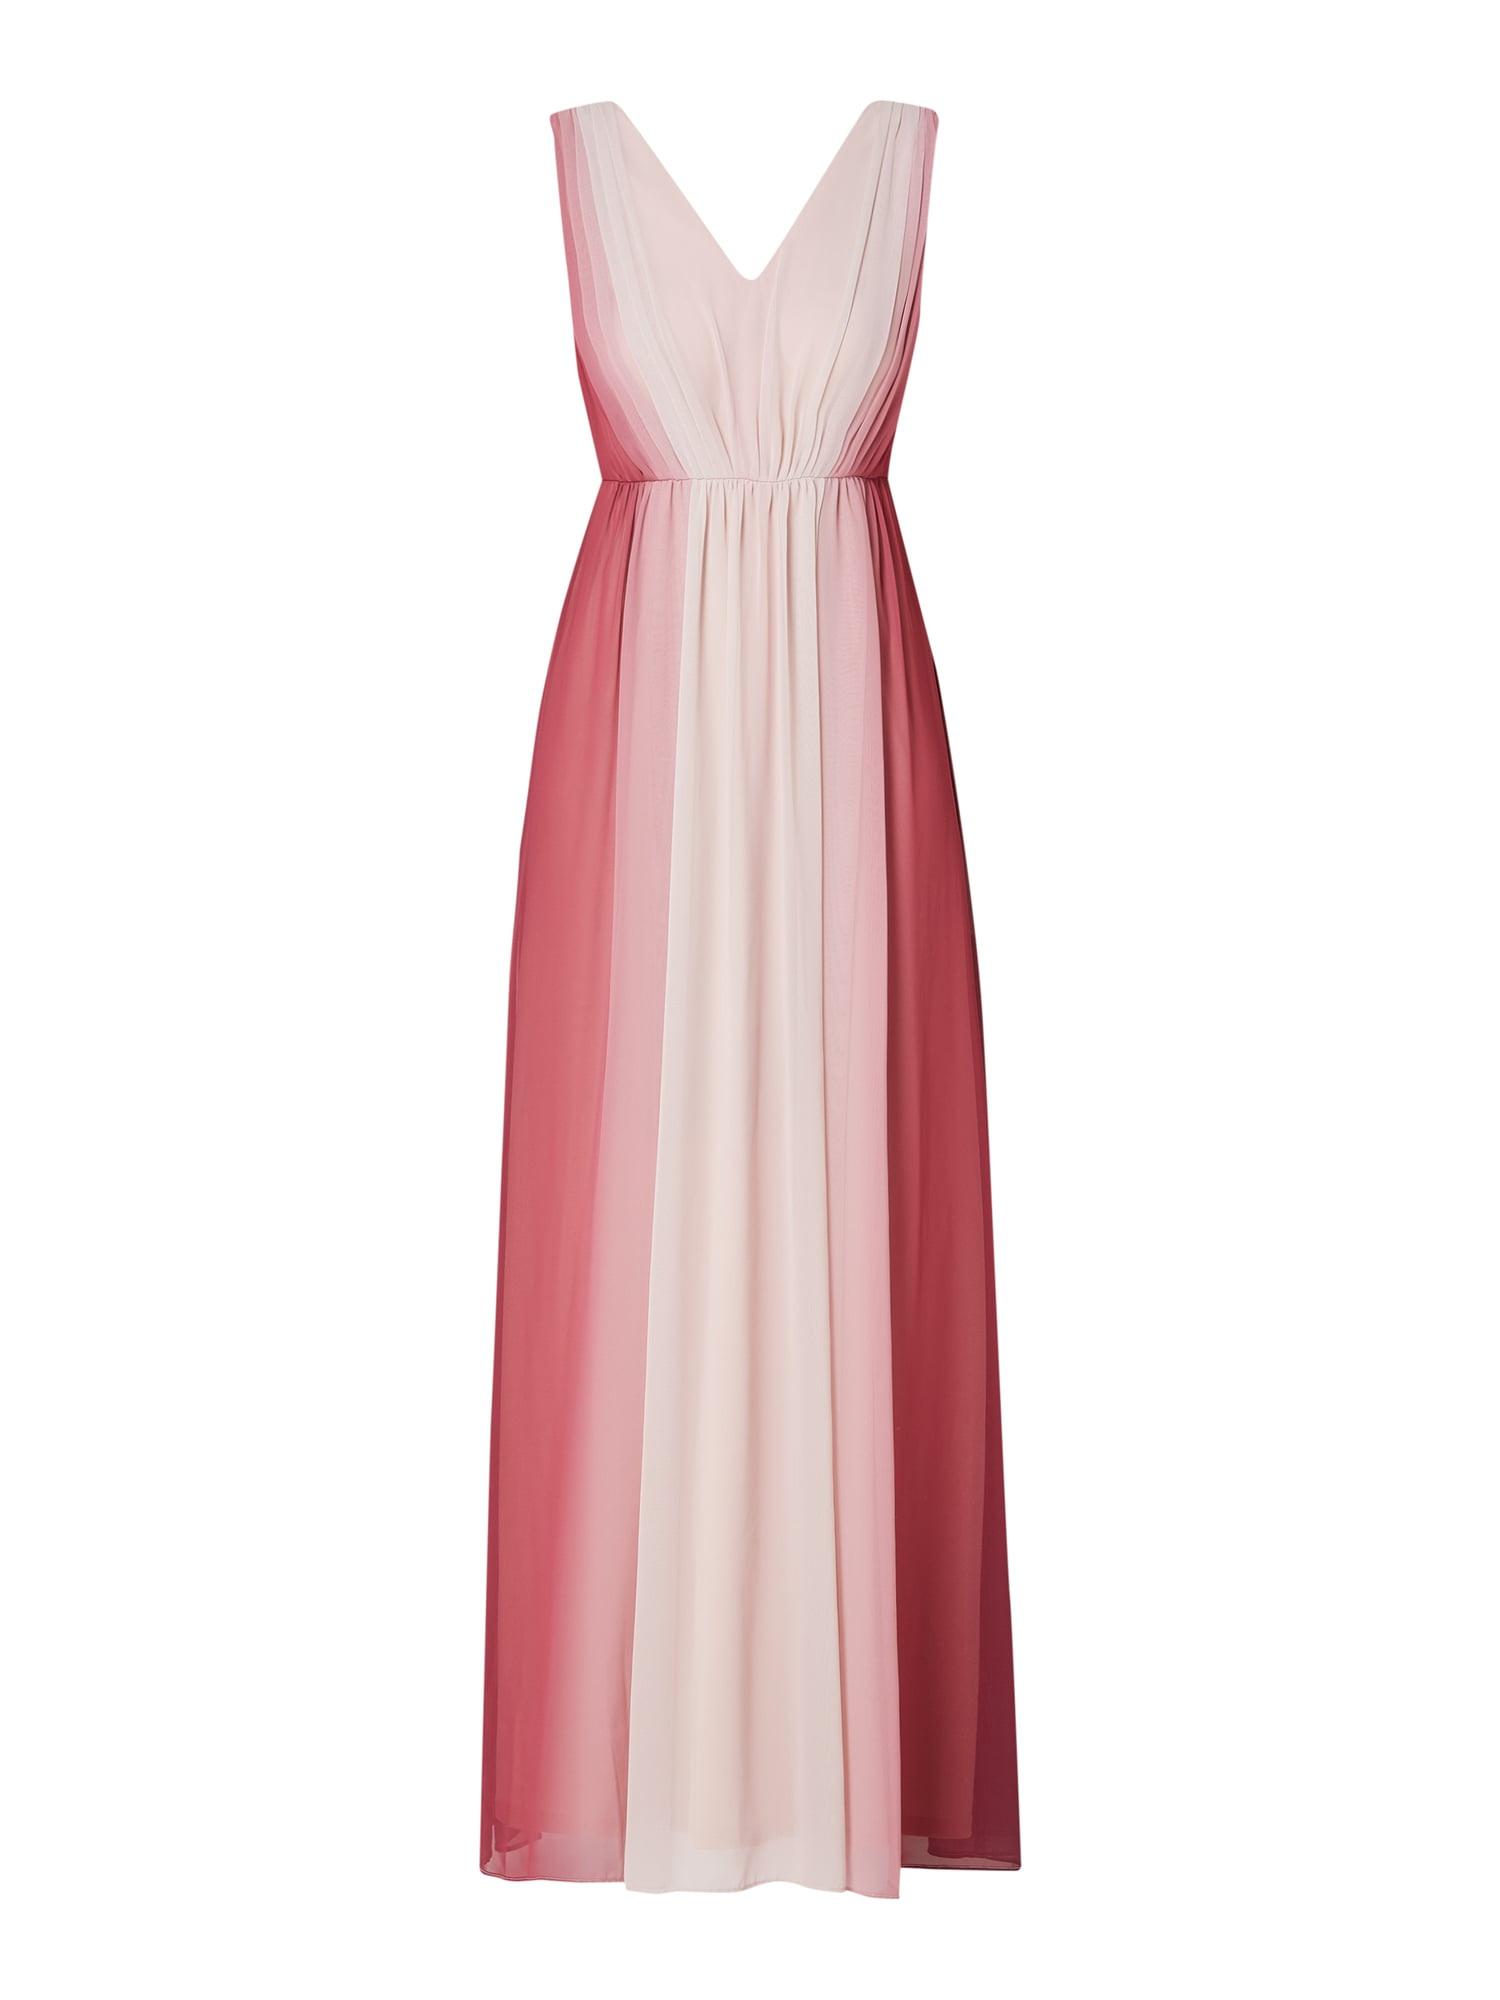 17 Luxus Jakes Abendkleid GalerieDesigner Genial Jakes Abendkleid Spezialgebiet